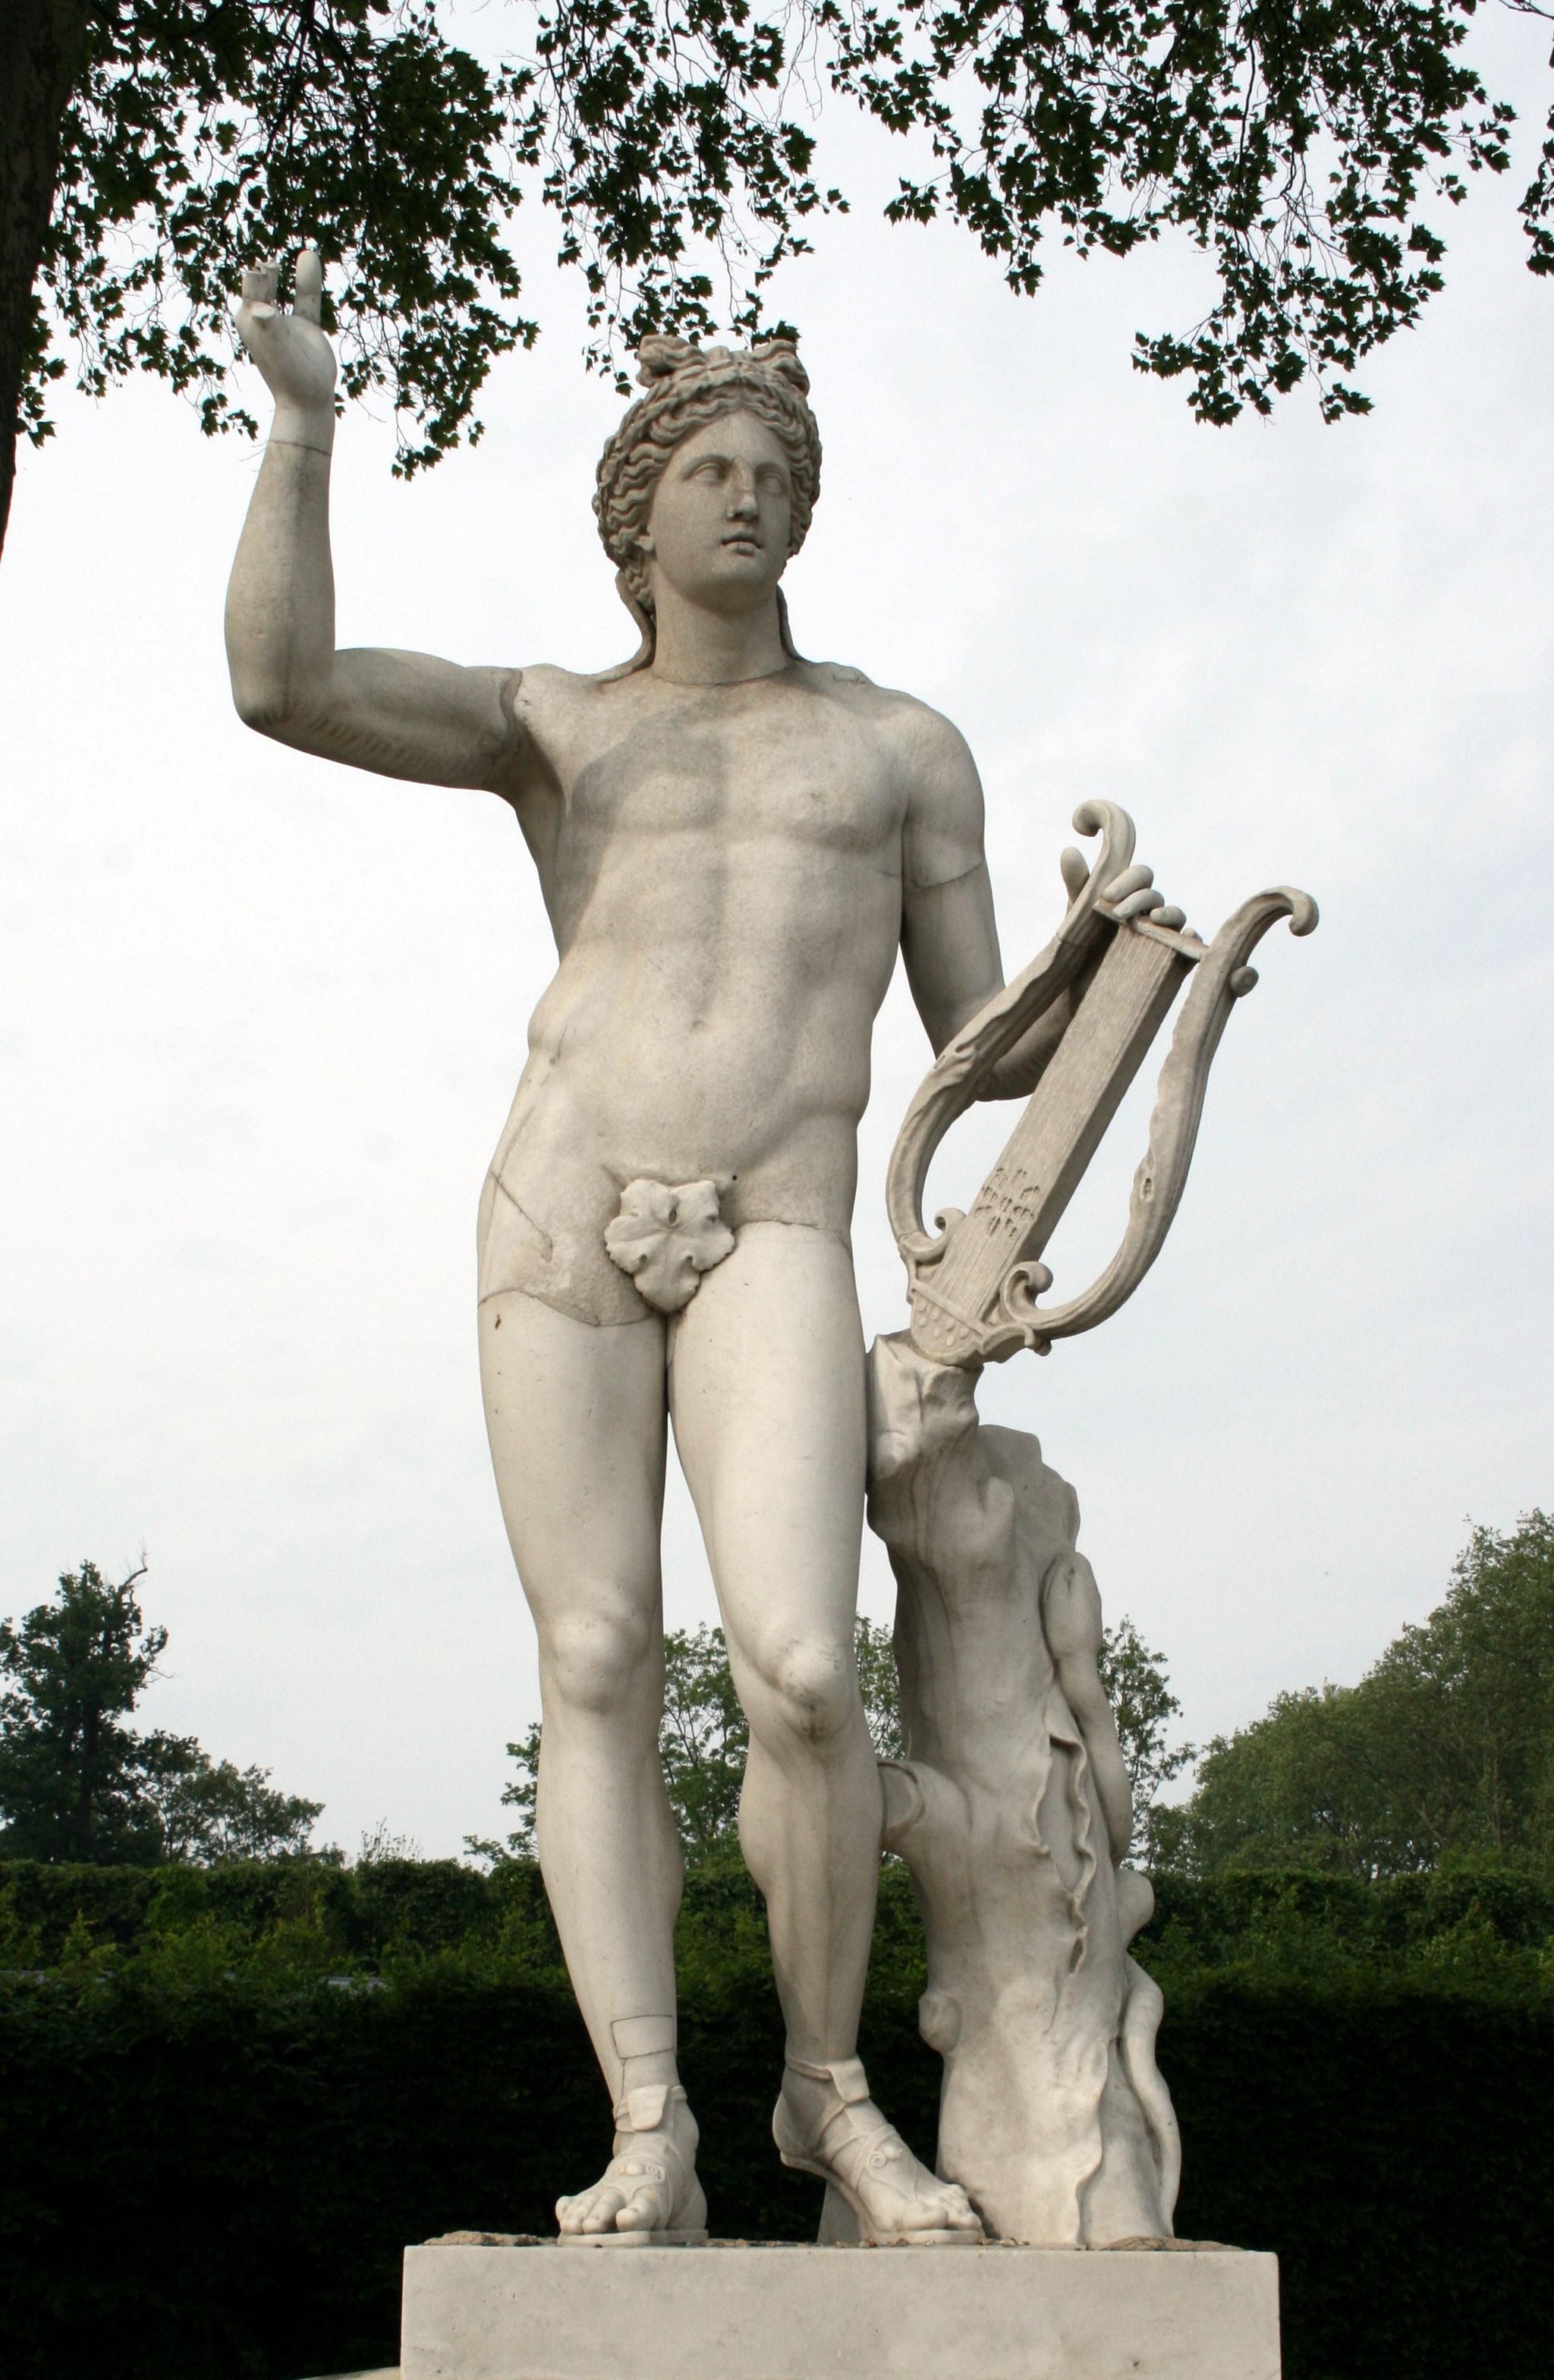 Image De Apollon file:versailles demi-lune apollon lyre - wikimedia commons